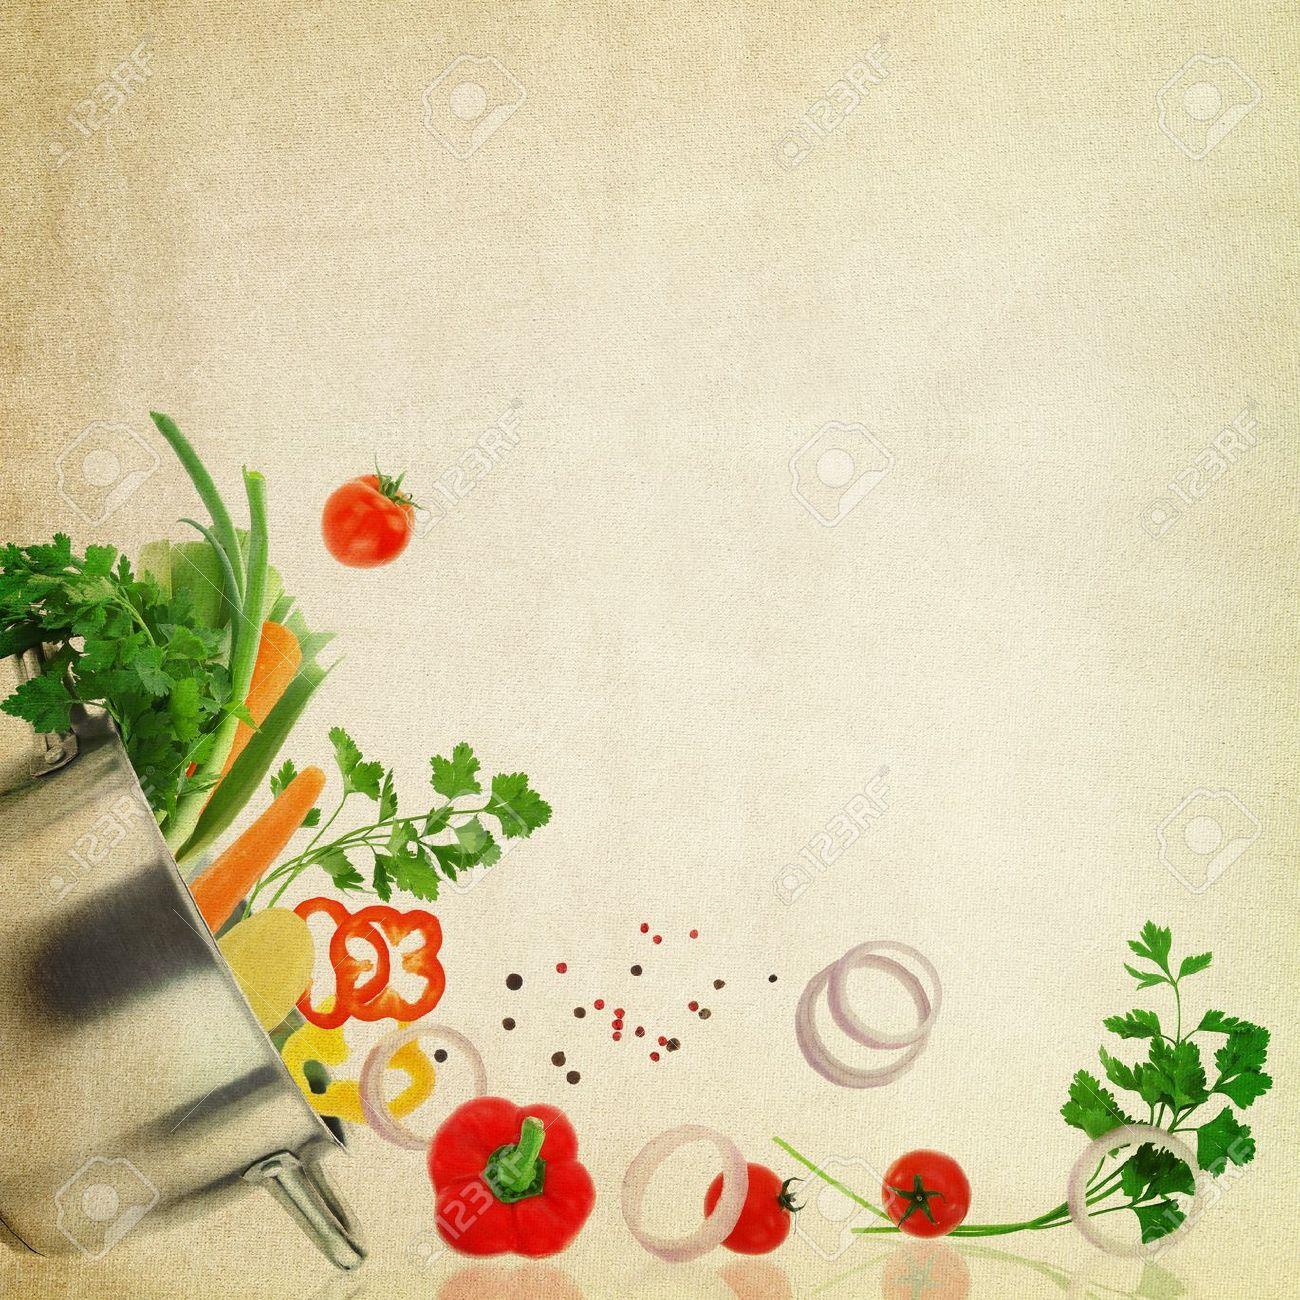 Rezept-Vorlage. Frisches Gemüse Auf Gewebebeschaffenheit Lizenzfreie ...